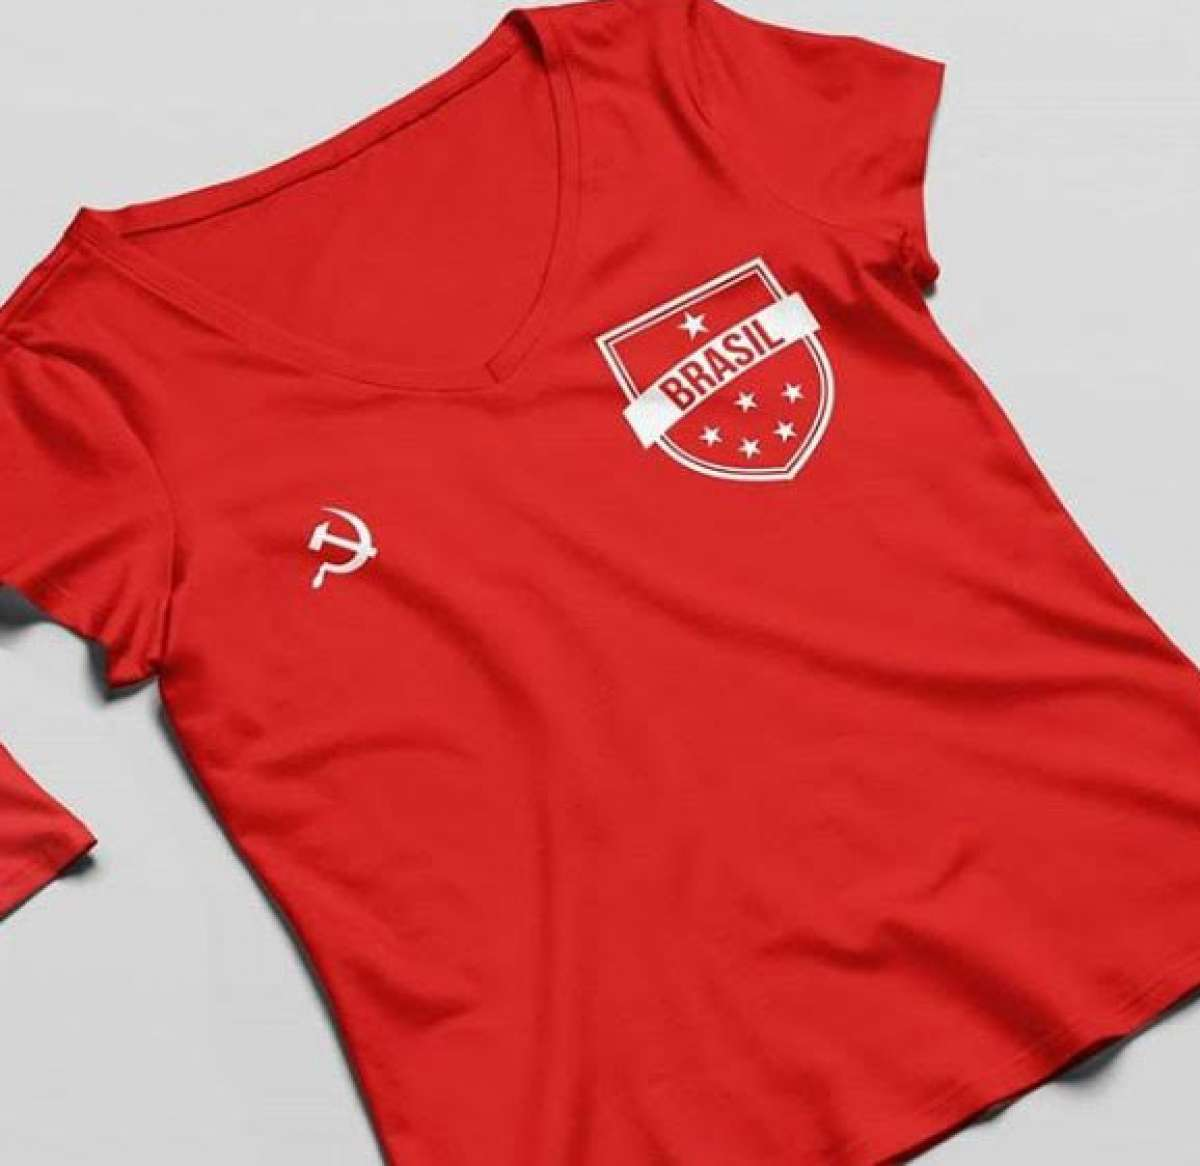 Torcedores se dividem sobre uso de camisa da seleção brasileira na ... cb40a877e6372